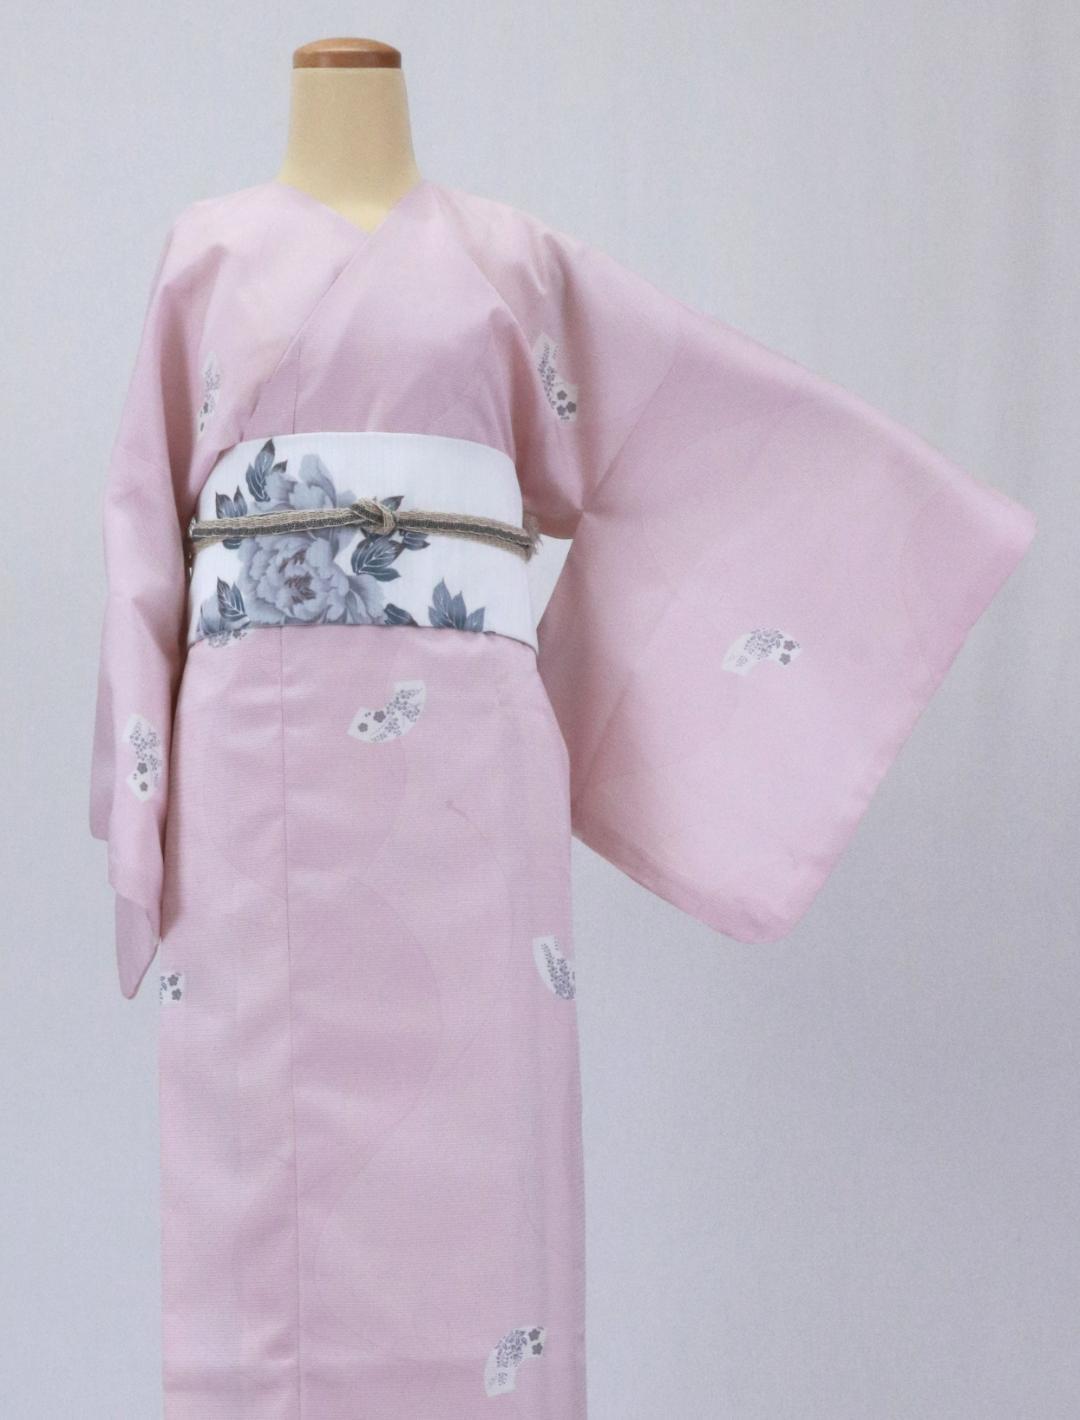 【日本製】 単品(衿なし)高級夏着物 絽 [ピンク系][N068][Mサイズ]画像